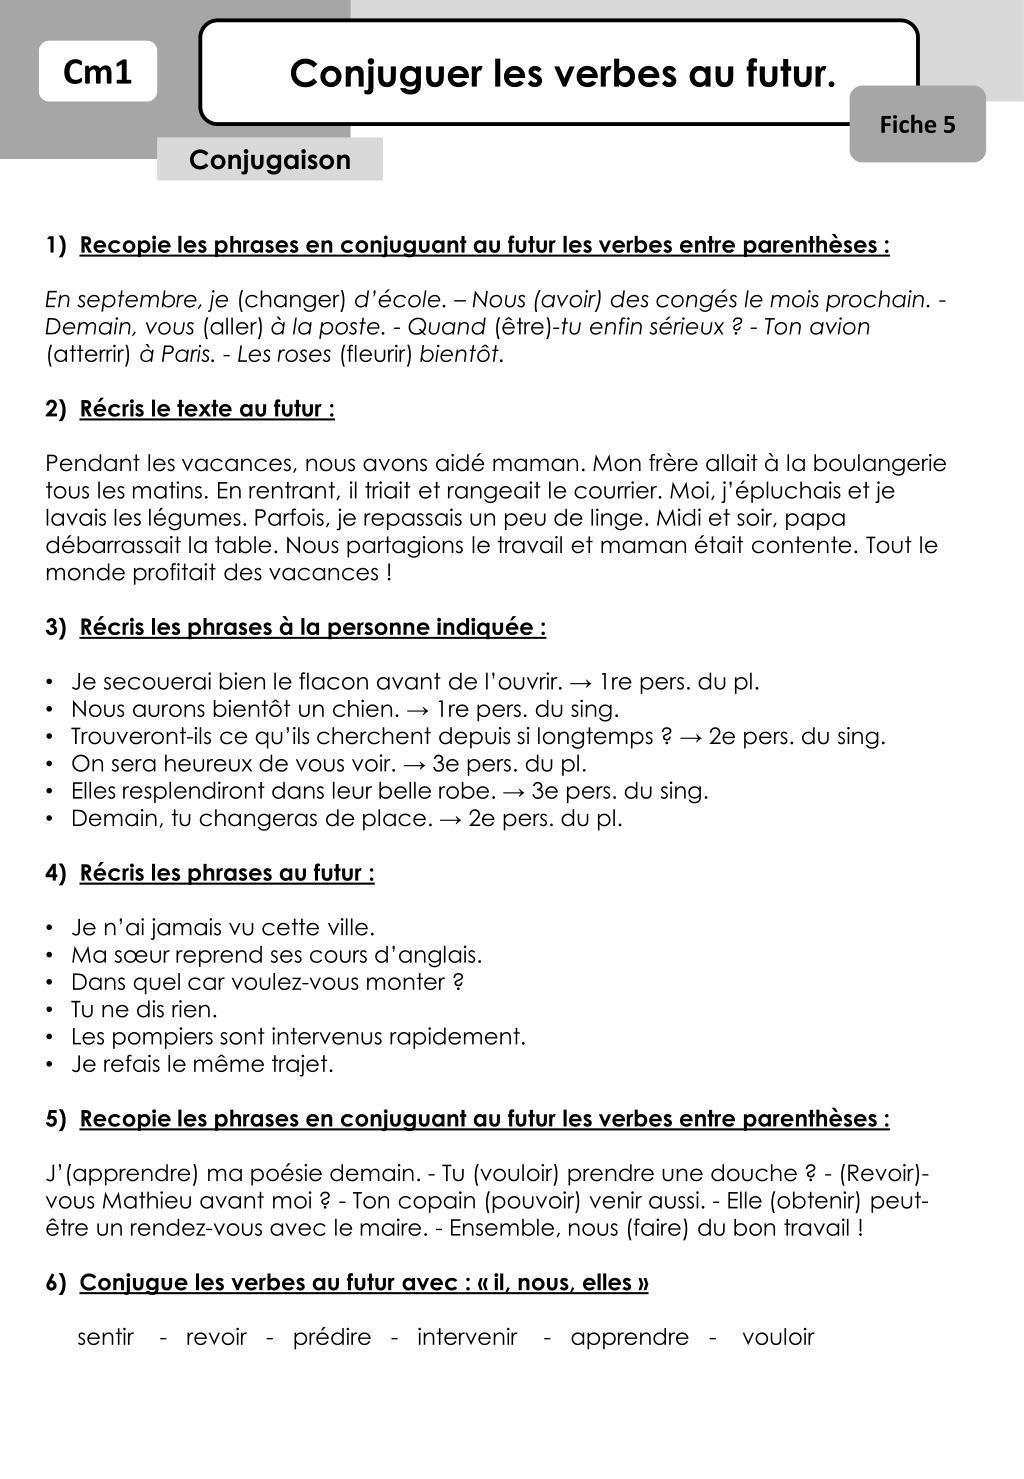 Ppt Conjuguer Les Verbes Au Futur Powerpoint Presentation Free Download Id 2259686